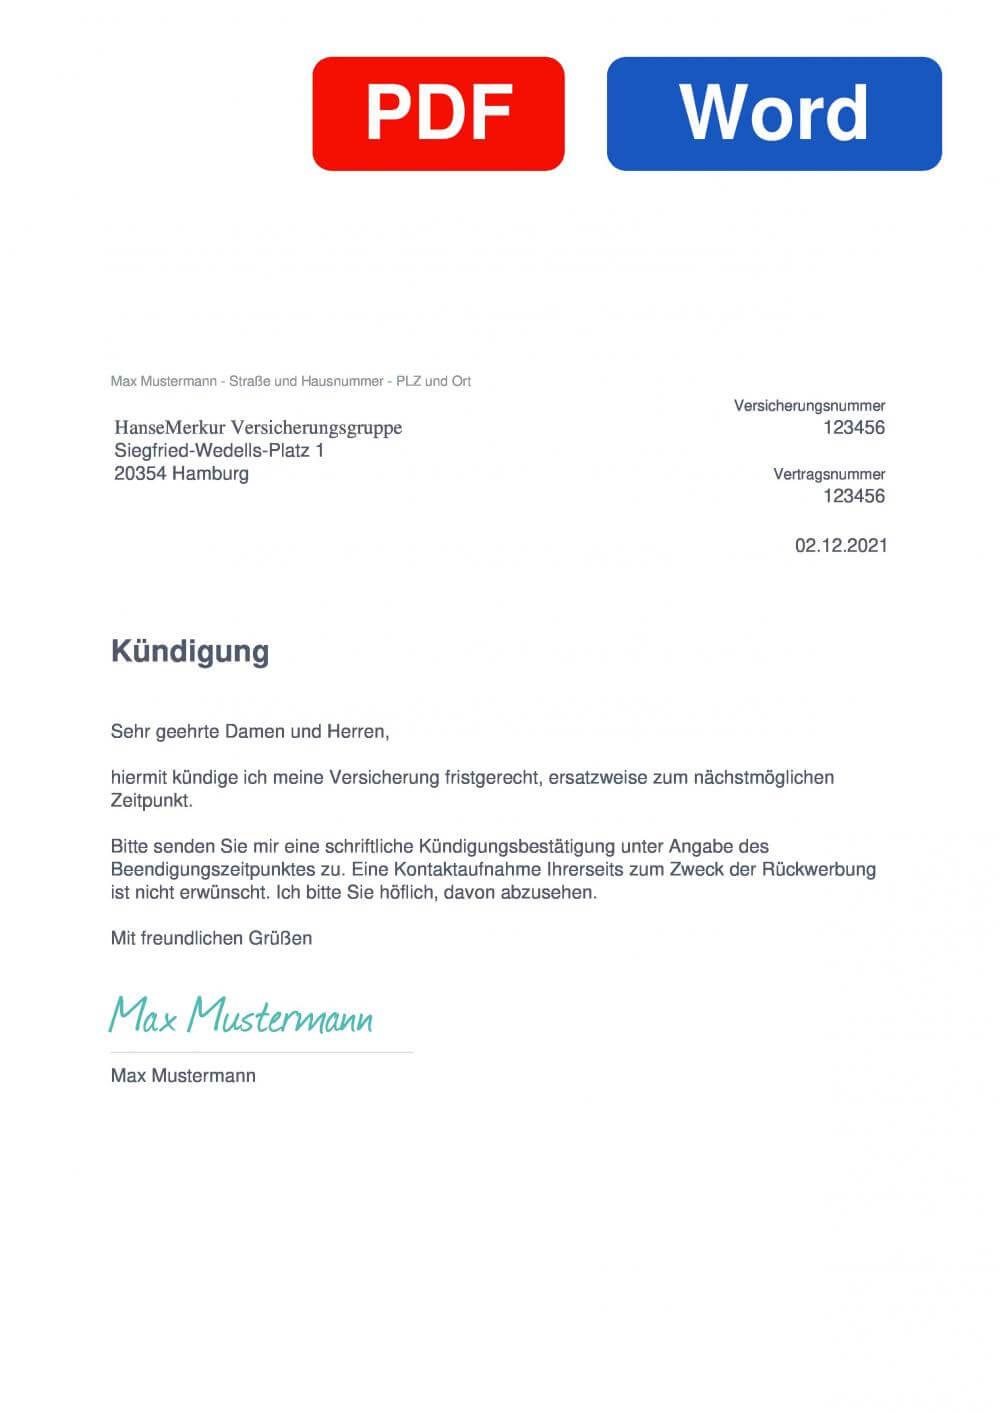 HanseMerkur Krankenversicherung Muster Vorlage für Kündigungsschreiben